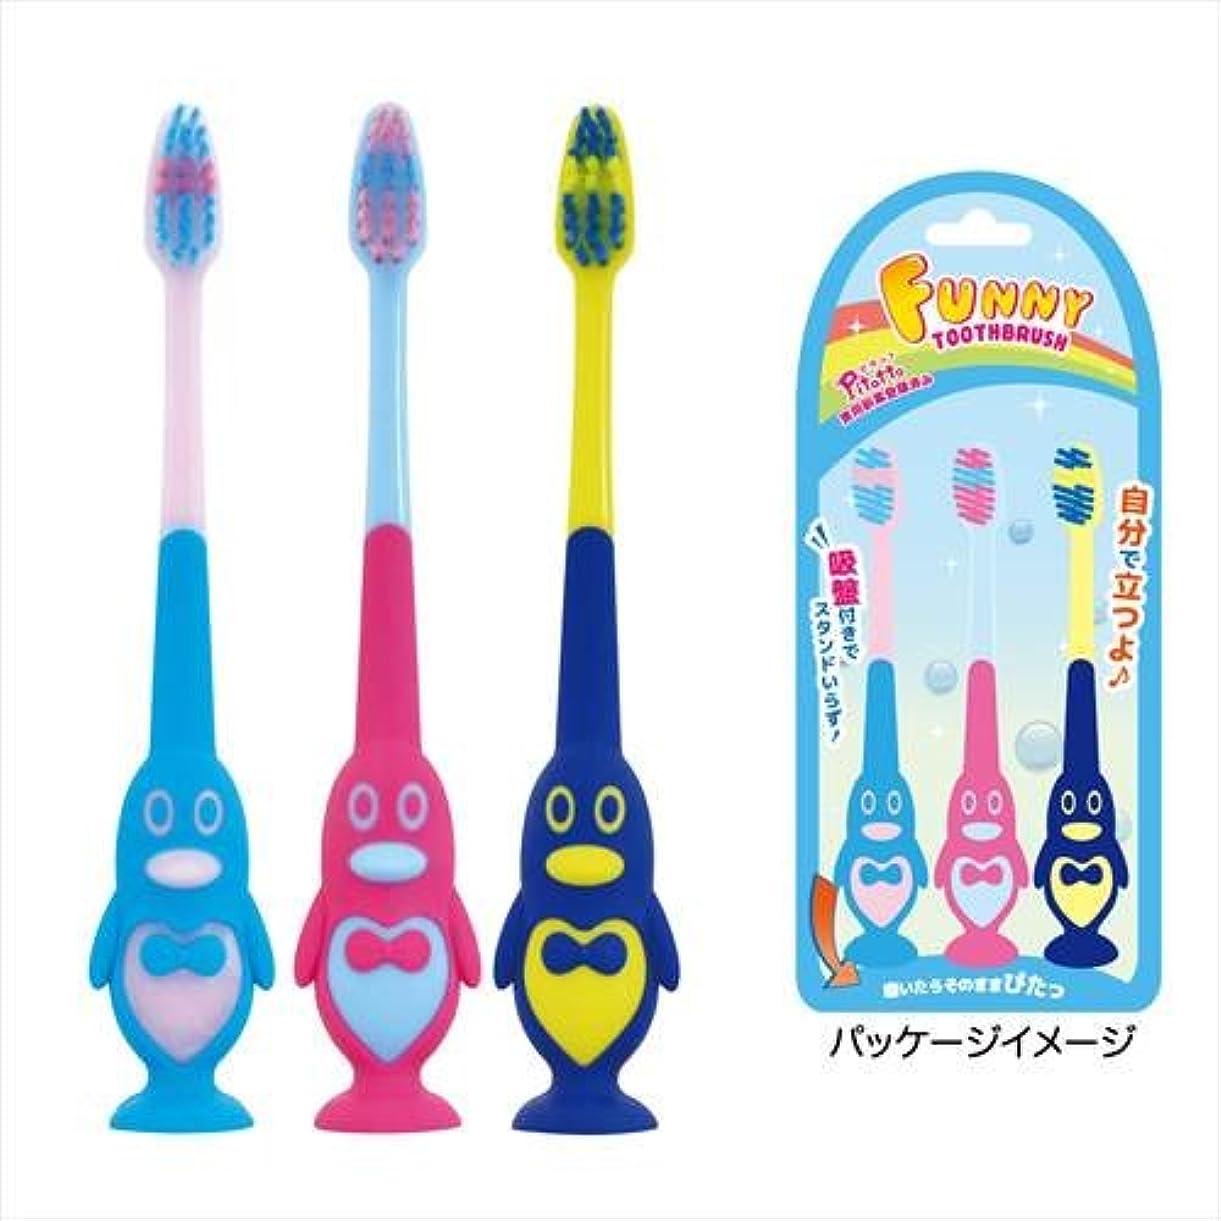 ウィザード期限怖がって死ぬ[歯ブラシ] 吸盤付き歯ブラシ 3本セット/ペンギン ユーカンパニー かわいい 洗面用具 グッズ 通販